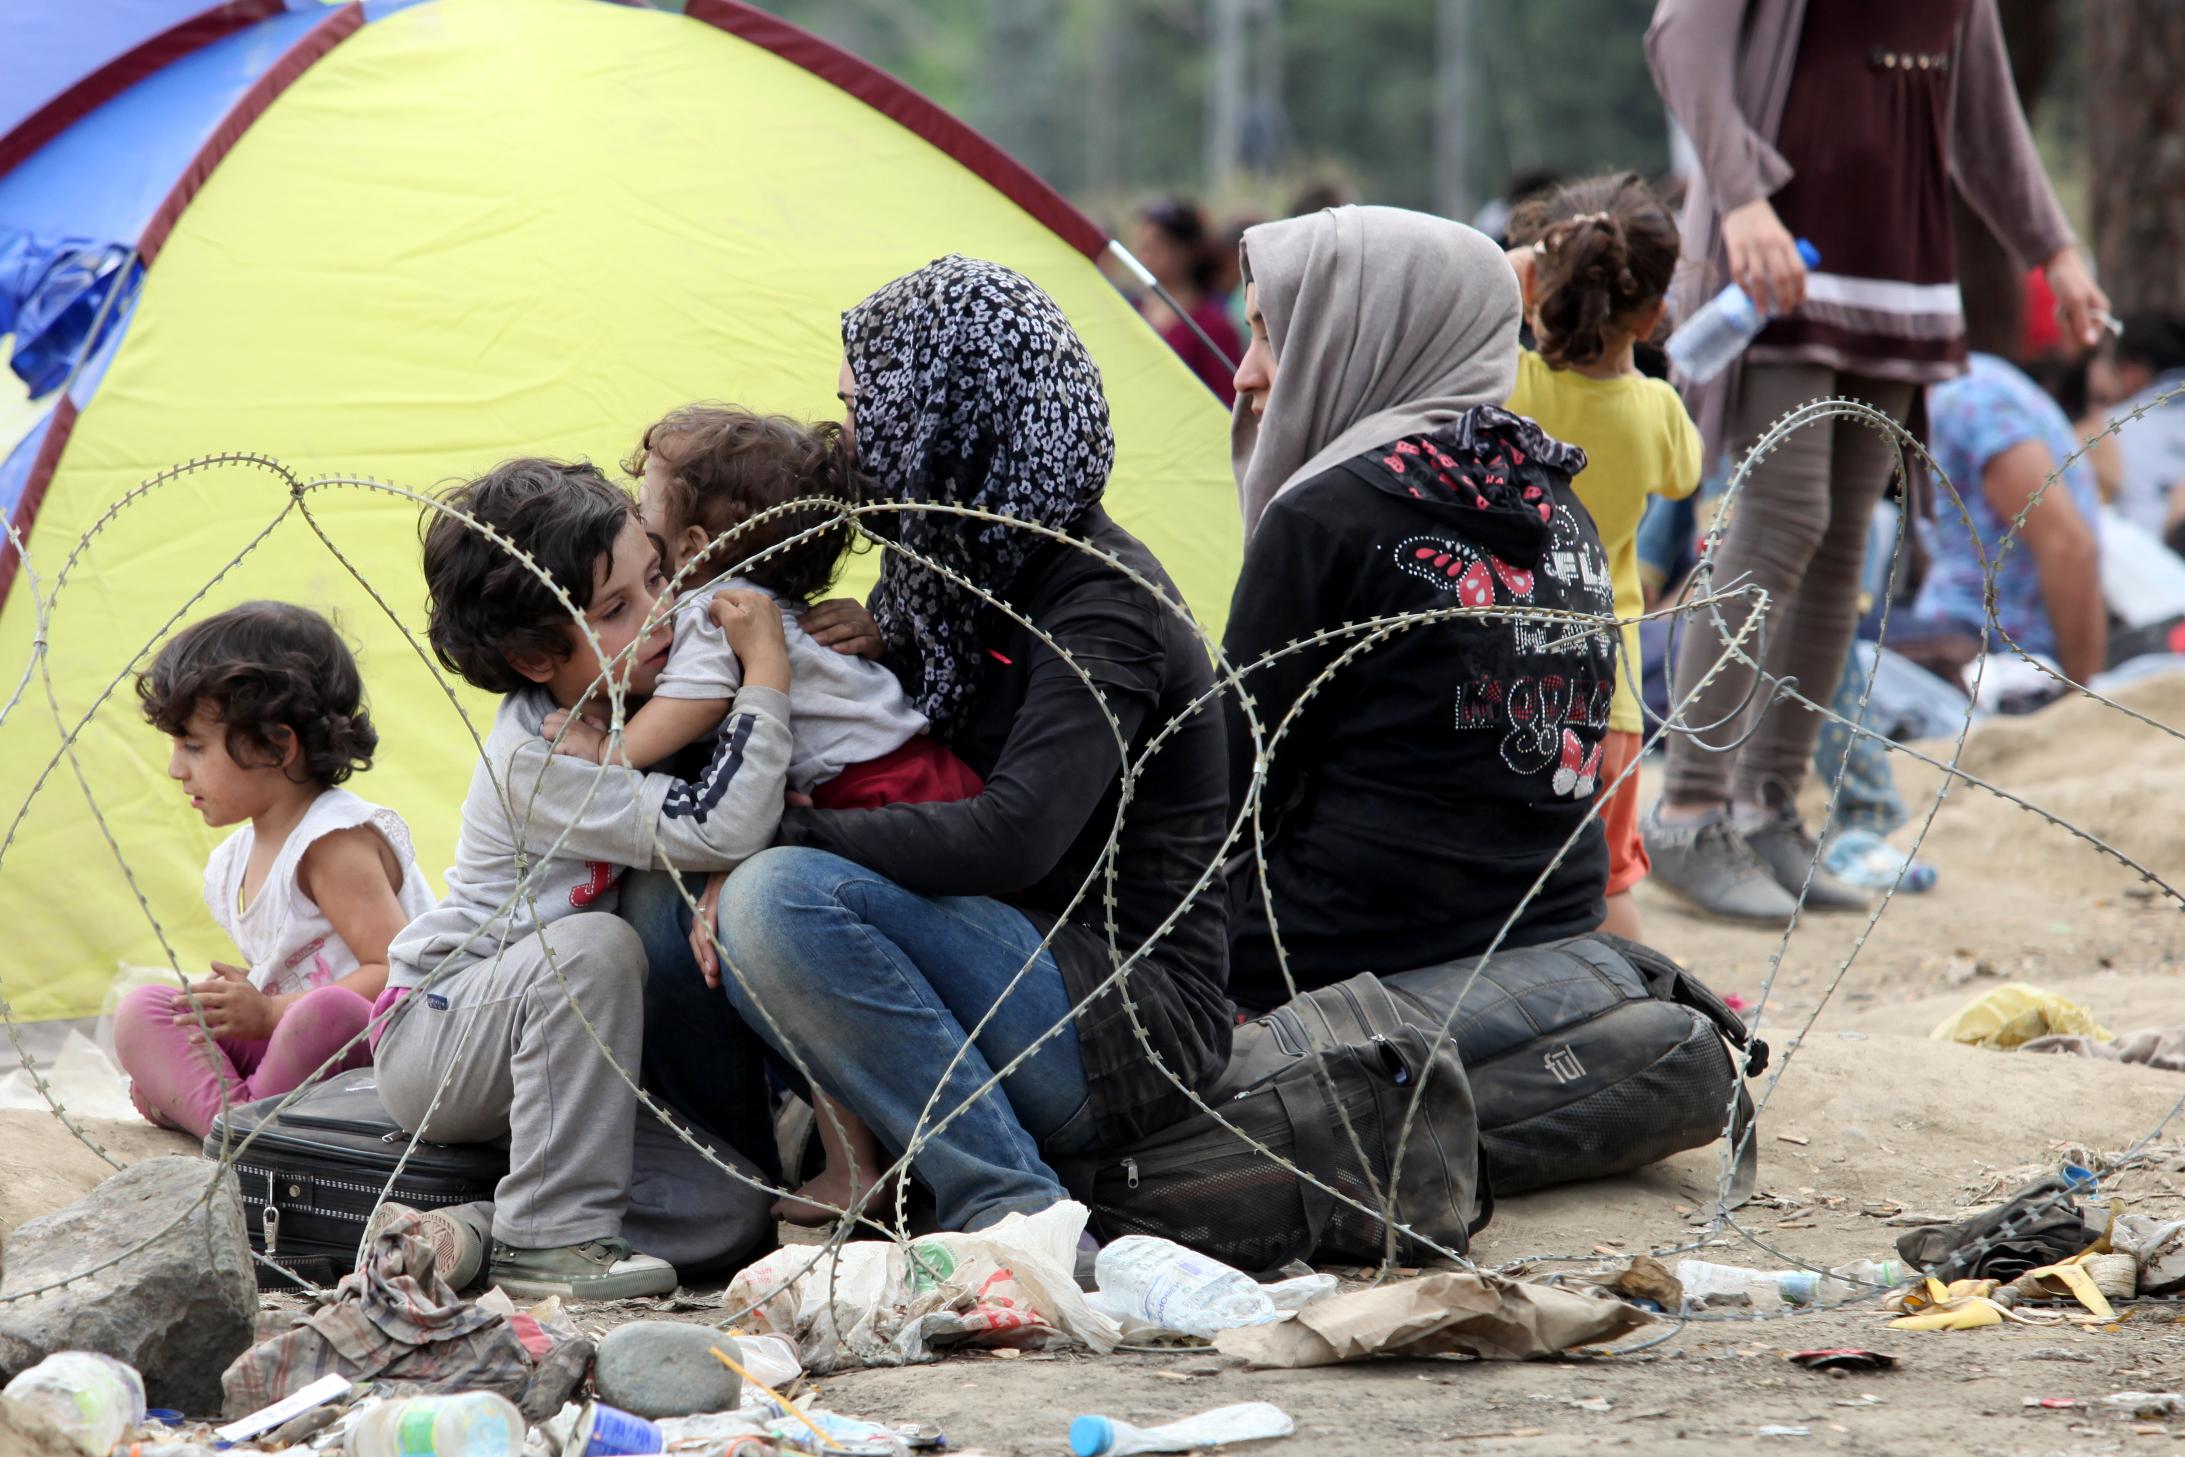 Die Situation eskaliert am Bahnhof von Gevgelija, von wo t�glich Tausende von Fl�chtlingen versuchen mit dem Zug nach Serbien zu gelangen. bei Gevgelija. Derzeit wird die griechisch-mazedonische Grenze Grenze von der Polizei abgeriegelt, um weitere Fl�chtlingsstr�me zu verhindern. 21.08.2015 // The overcrowded train station at Gevgelija where thousands of refugees try to catch a train to Serbia. The greek-macedonian border at Gevgelija. At the moment the border is closed by the police in order to prevent further refugee masses.